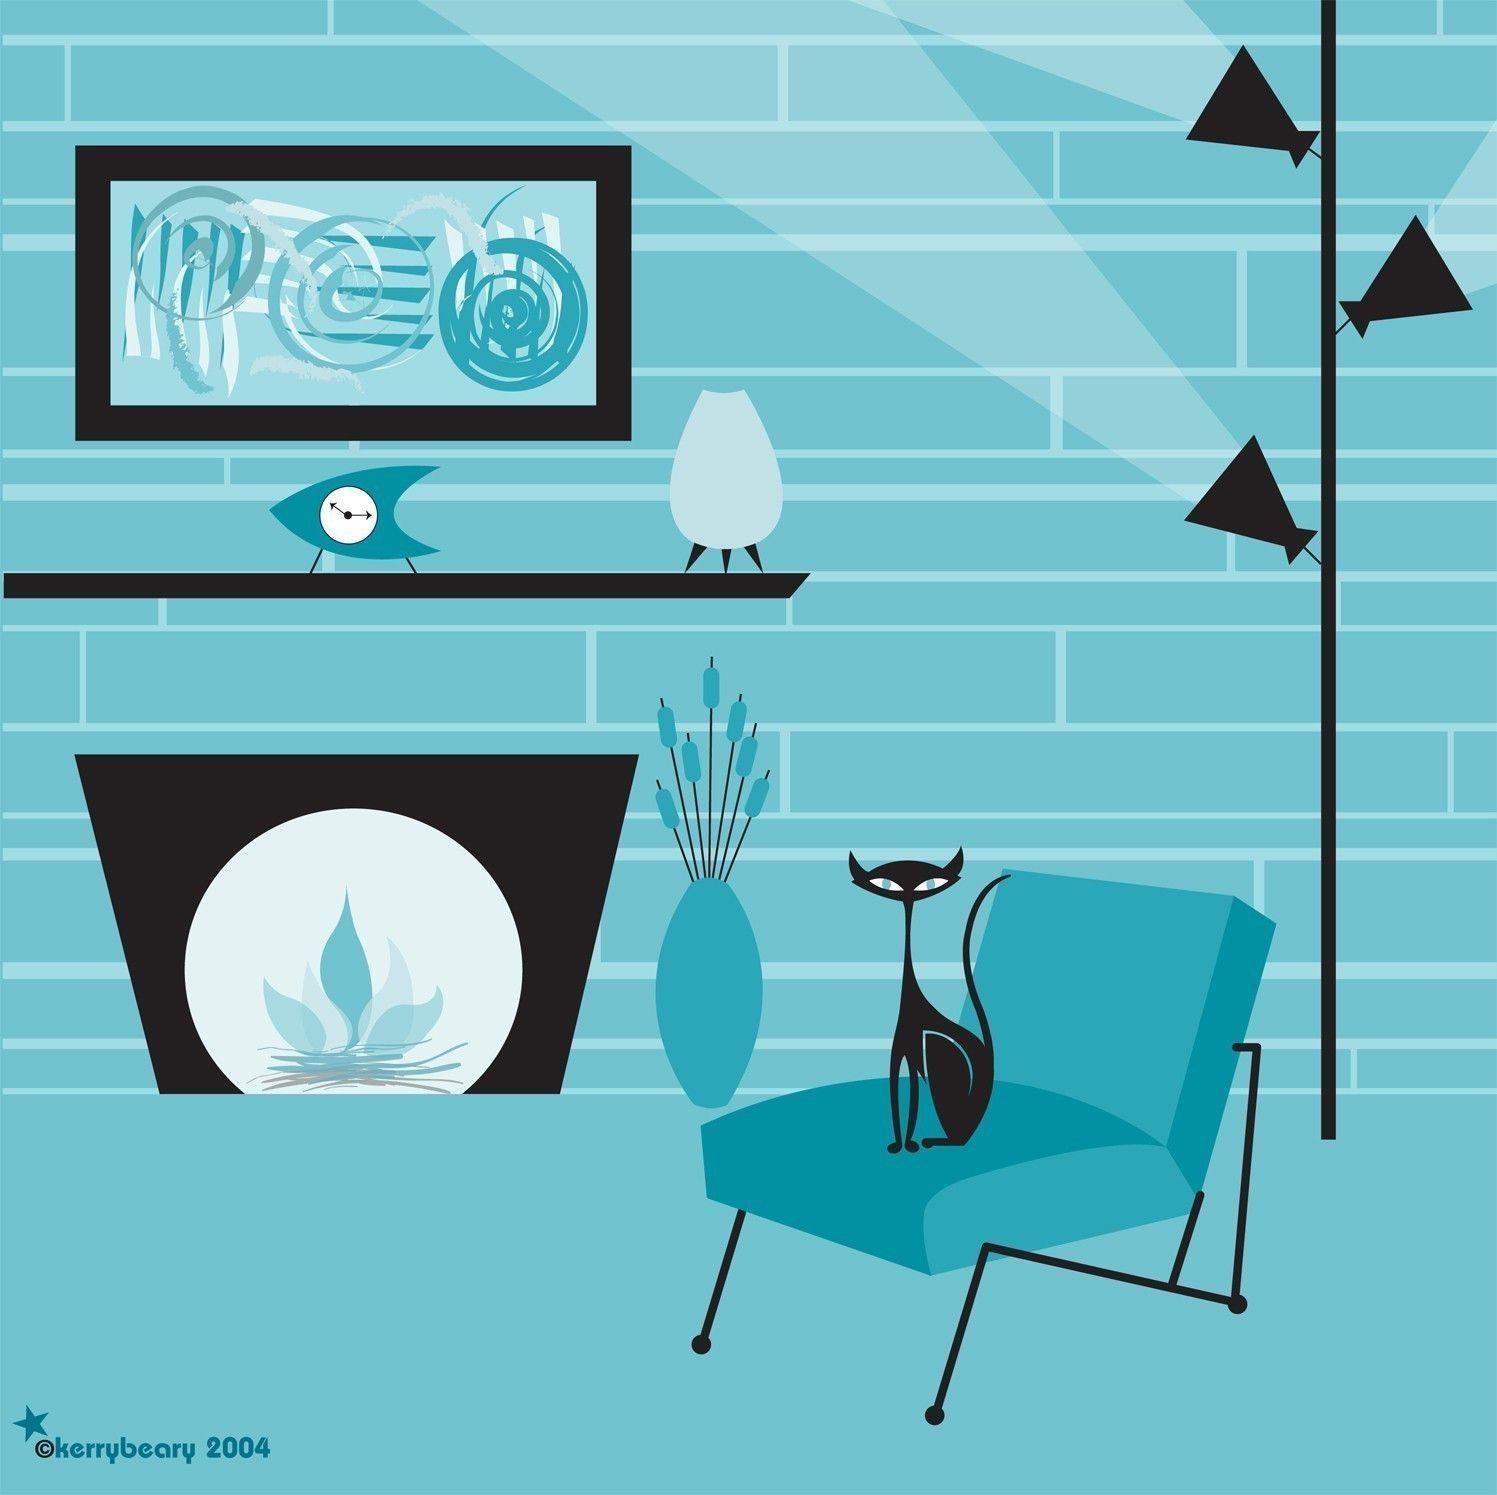 Aqua Lounge Mod Black Cat Limited Edition Print by par